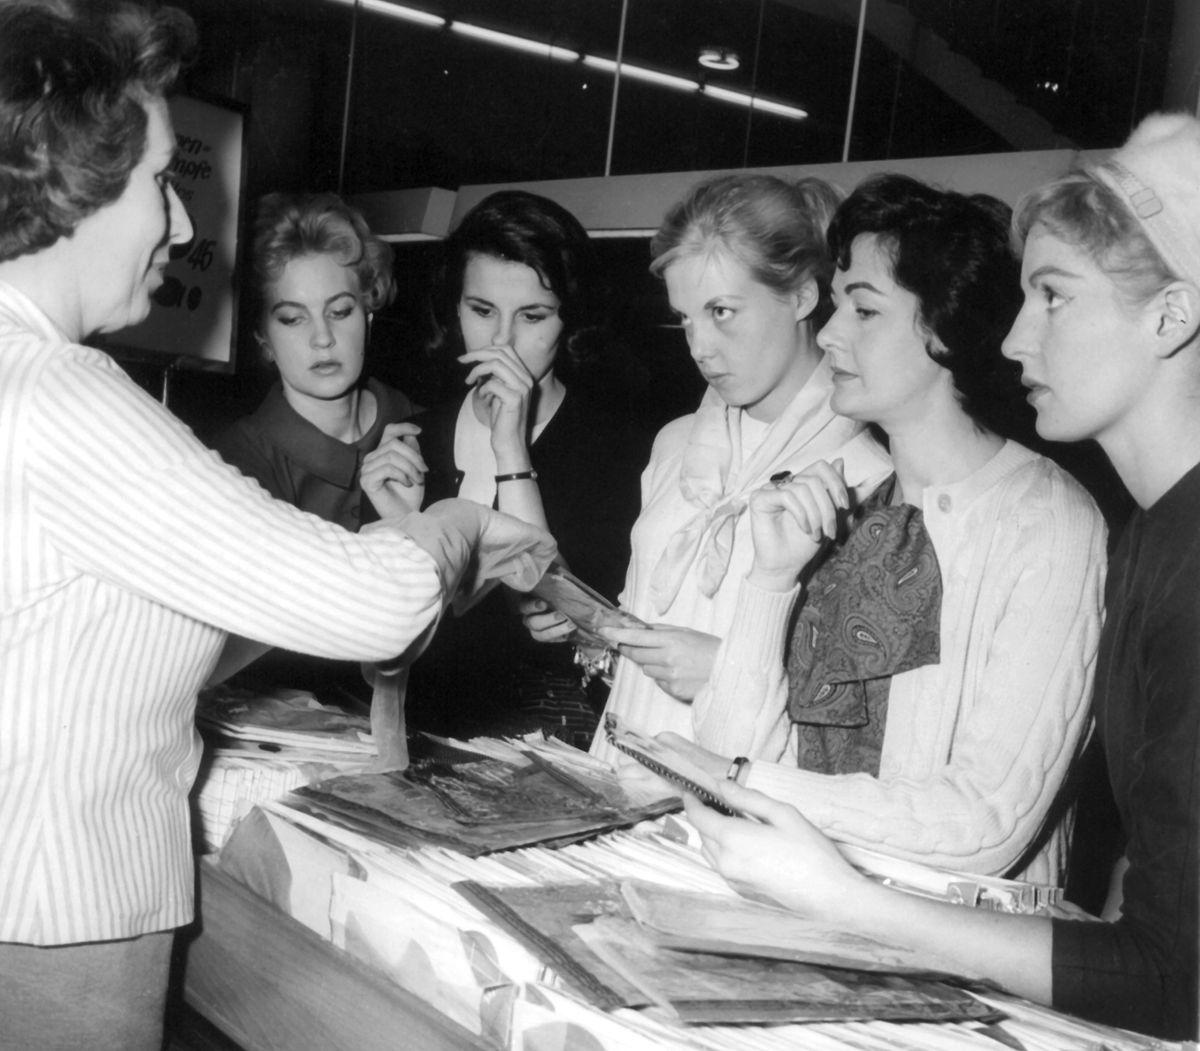 1957: Die fünf Schönheitsköniginnen des Jahres,  Miss England, Miss Australien, Miss Europa, Miss Frankreich und Miss Schweden, die damals als Mannequins durch Deutschland reisten, suchen sich die passenden Damenstrümpfe aus. Am 15. Mai 1940 kam es vor Kaufhäusern sogar noch zu tumultartigen Zuständen. Die Frauen rissen sich um die ersten in Massenproduktion hergestellten Strümpfe aus Nylon.